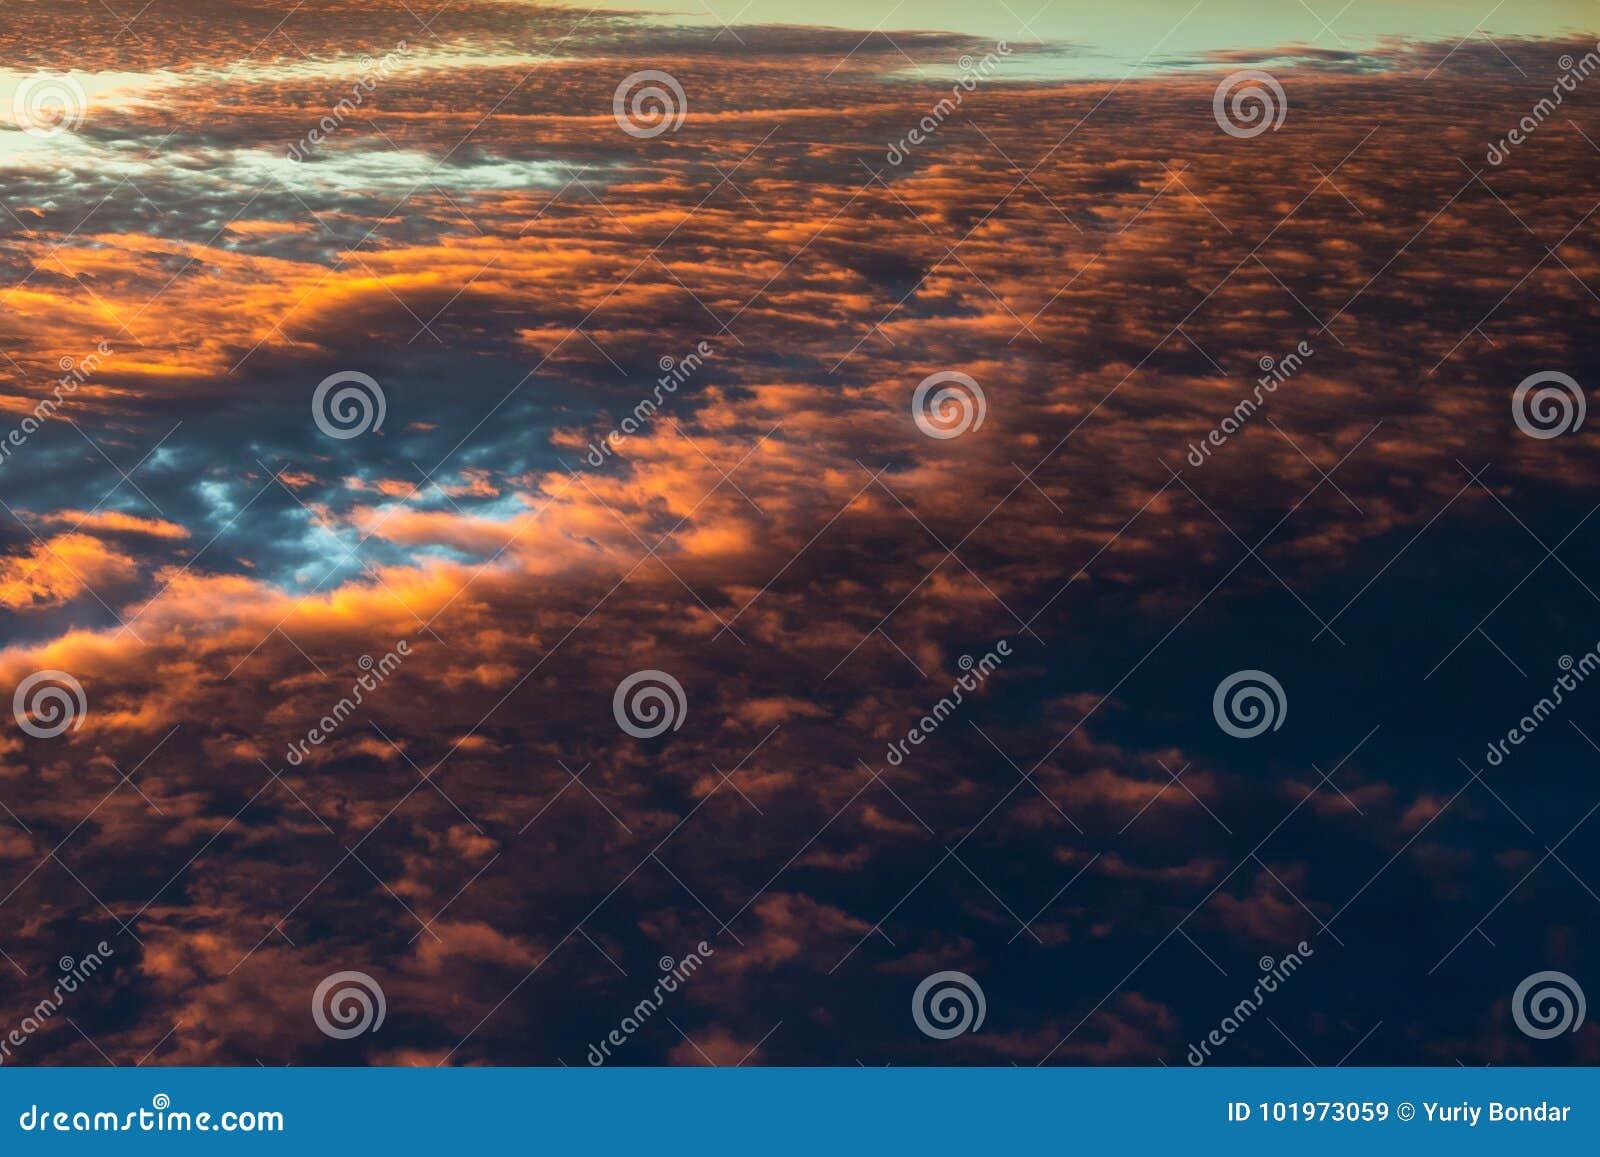 Scharlaken wolken in de hemel combinatie warme en koude kleuren